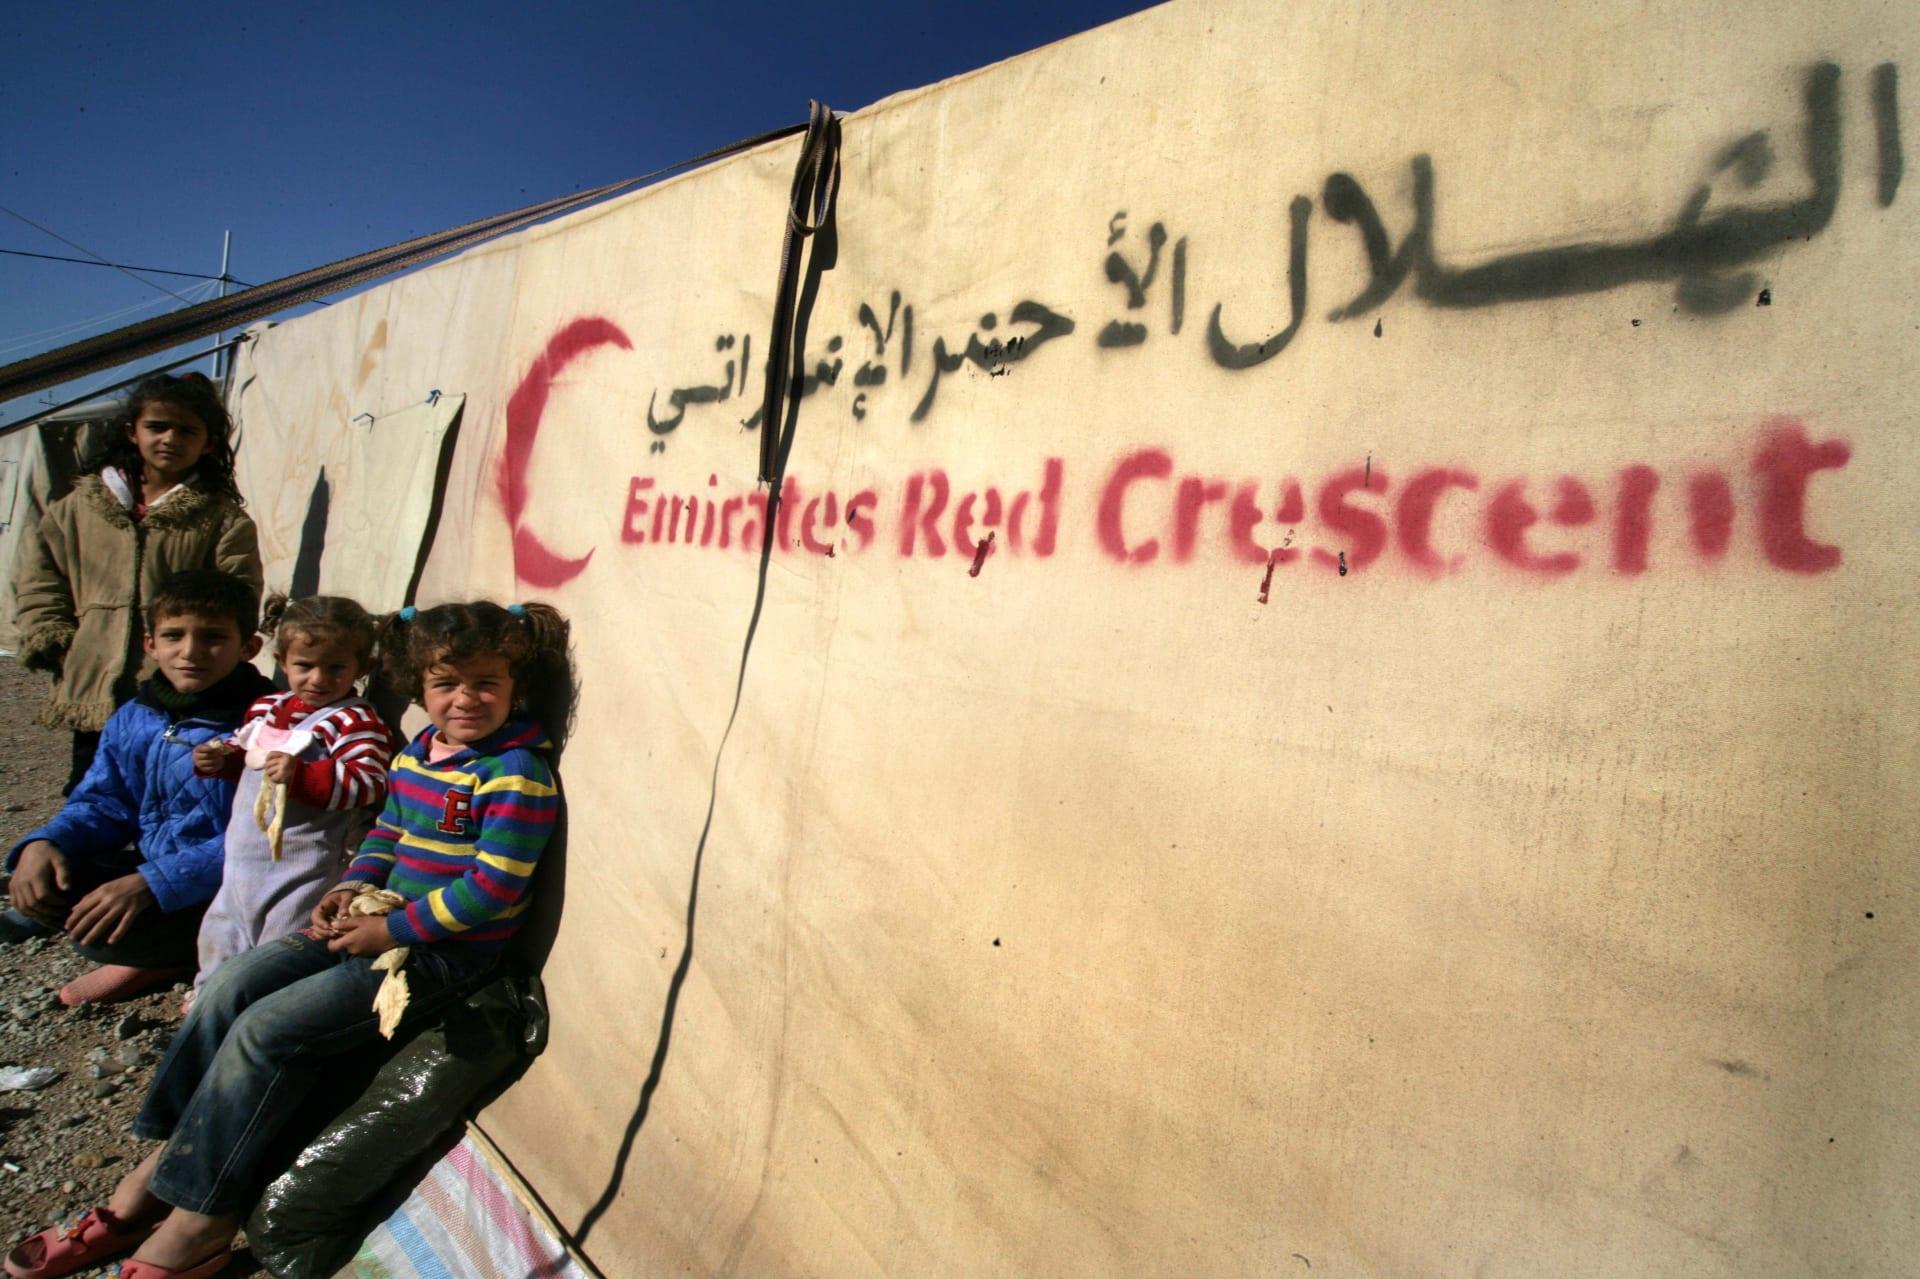 الإمارات توجه رسالة لمجلس الأمن بشأن عرقلة وصول المساعدات الإنسانية